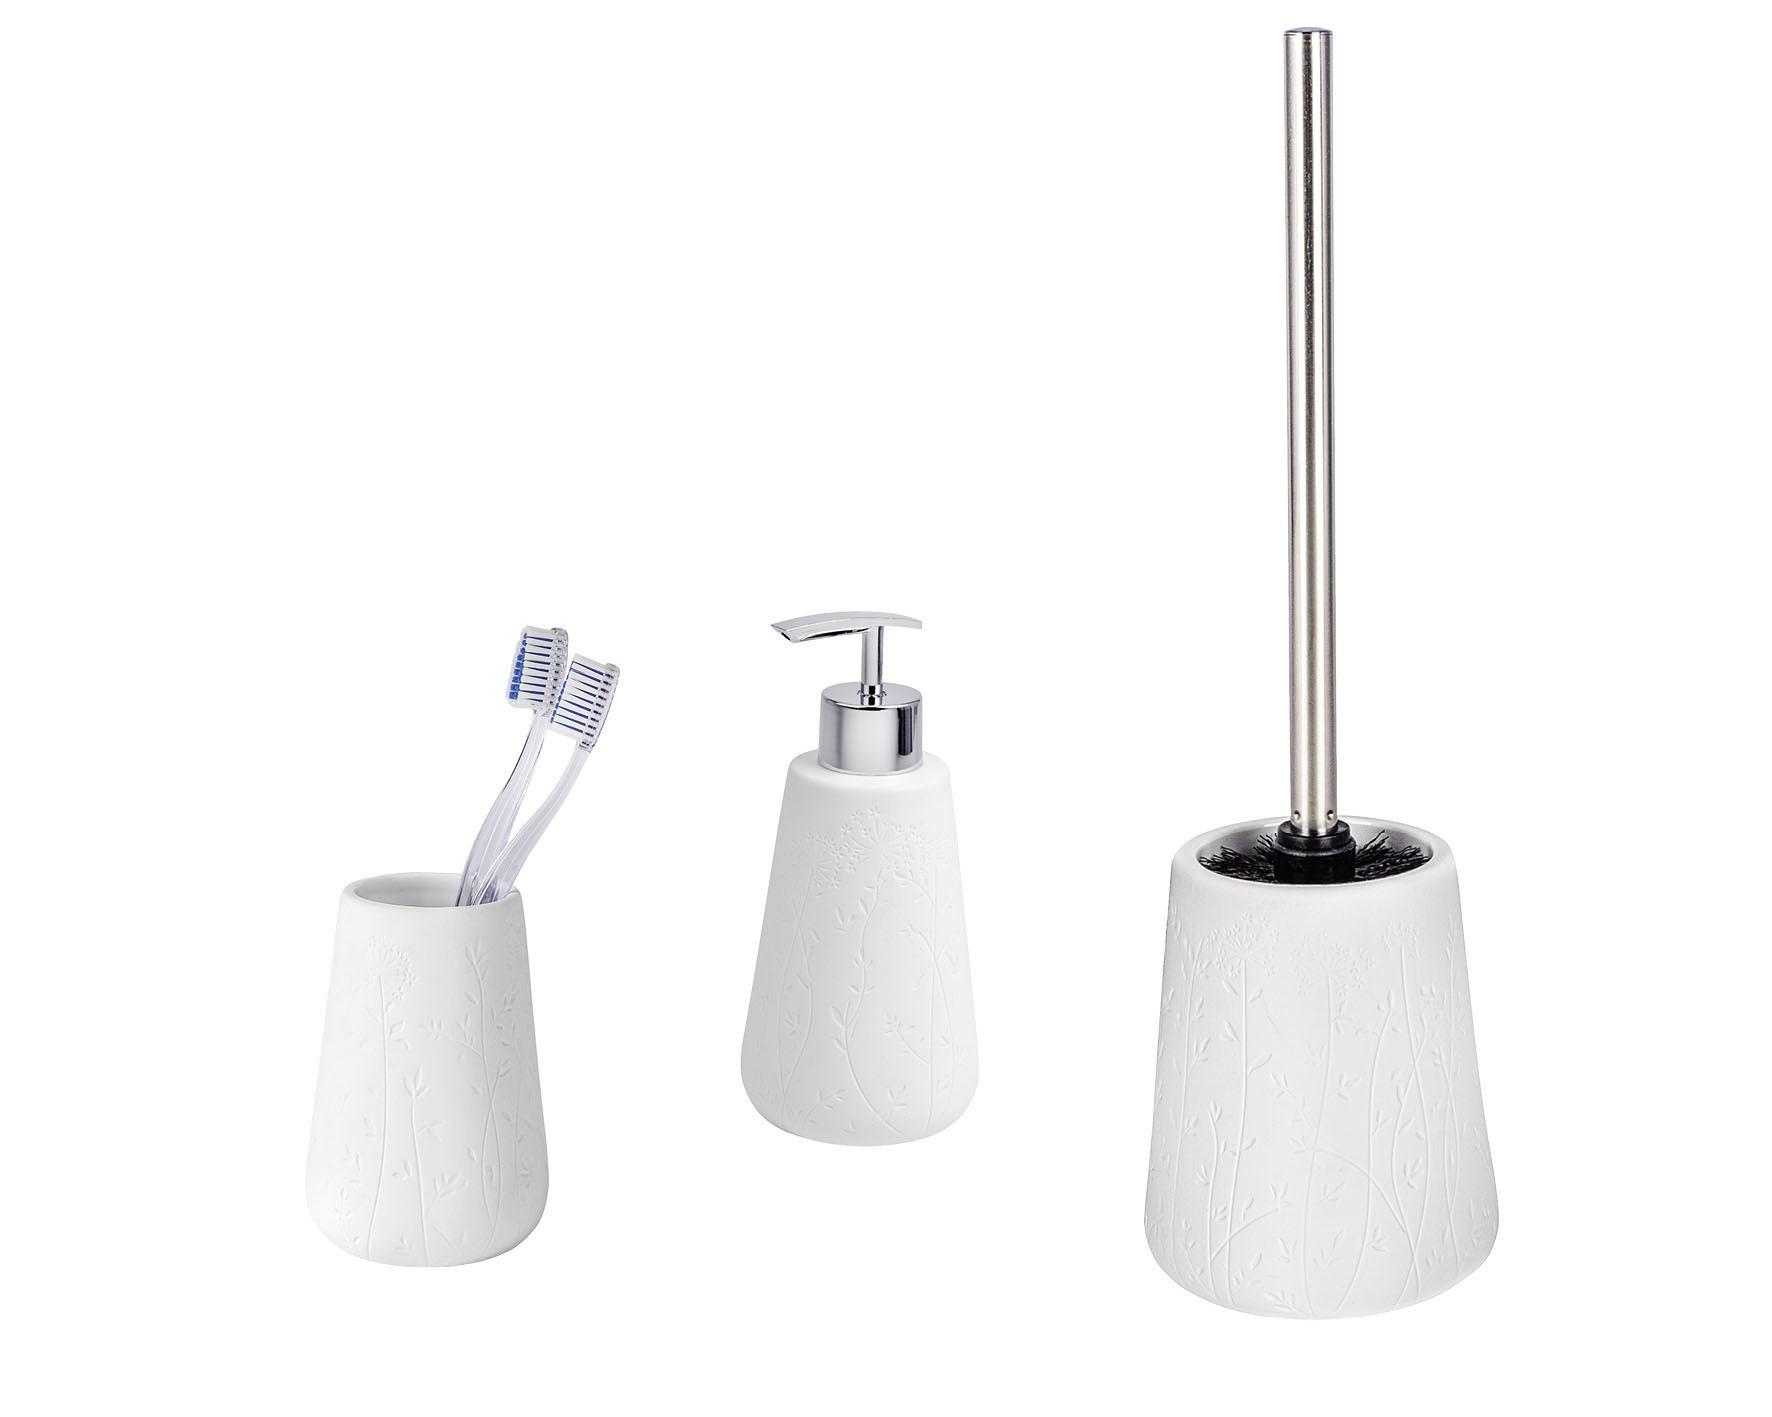 Wenko Bad-Accessoires Set Flora, 3-teilig, Zahnputzbecher, Seifenspender & WC-Garnitur